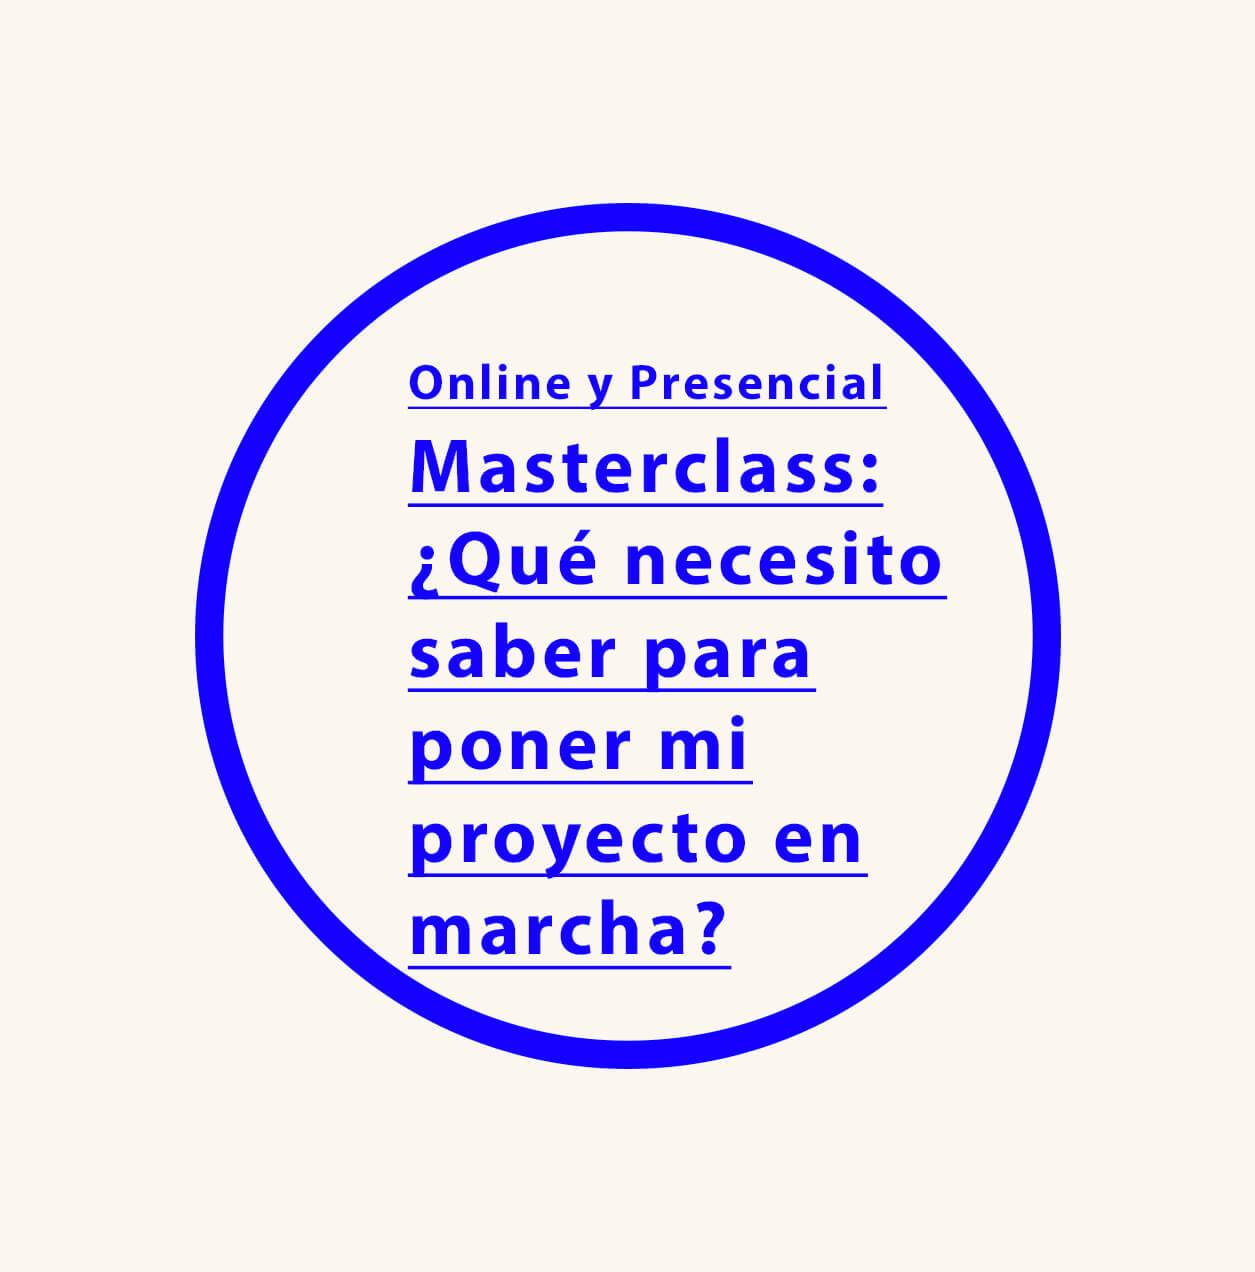 Masterclass online y presencial: ¿Qué necesito saber para poner mi proyecto en marcha?